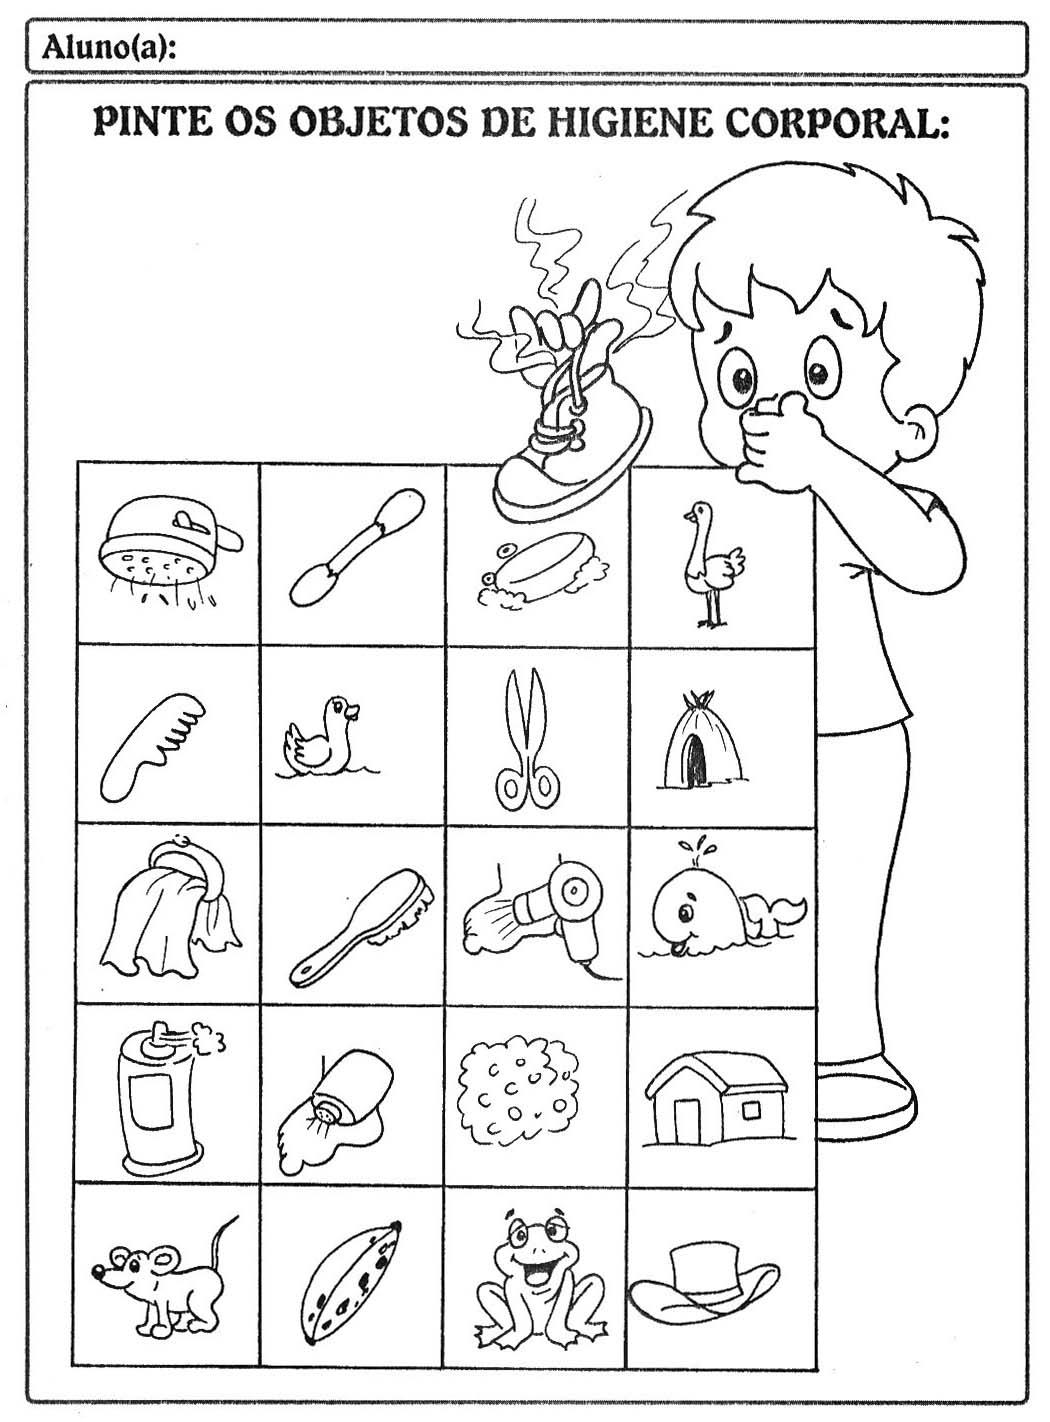 Extremamente Sequência Didática - Higiene e Saúde para crianças — SÓ ESCOLA NK28